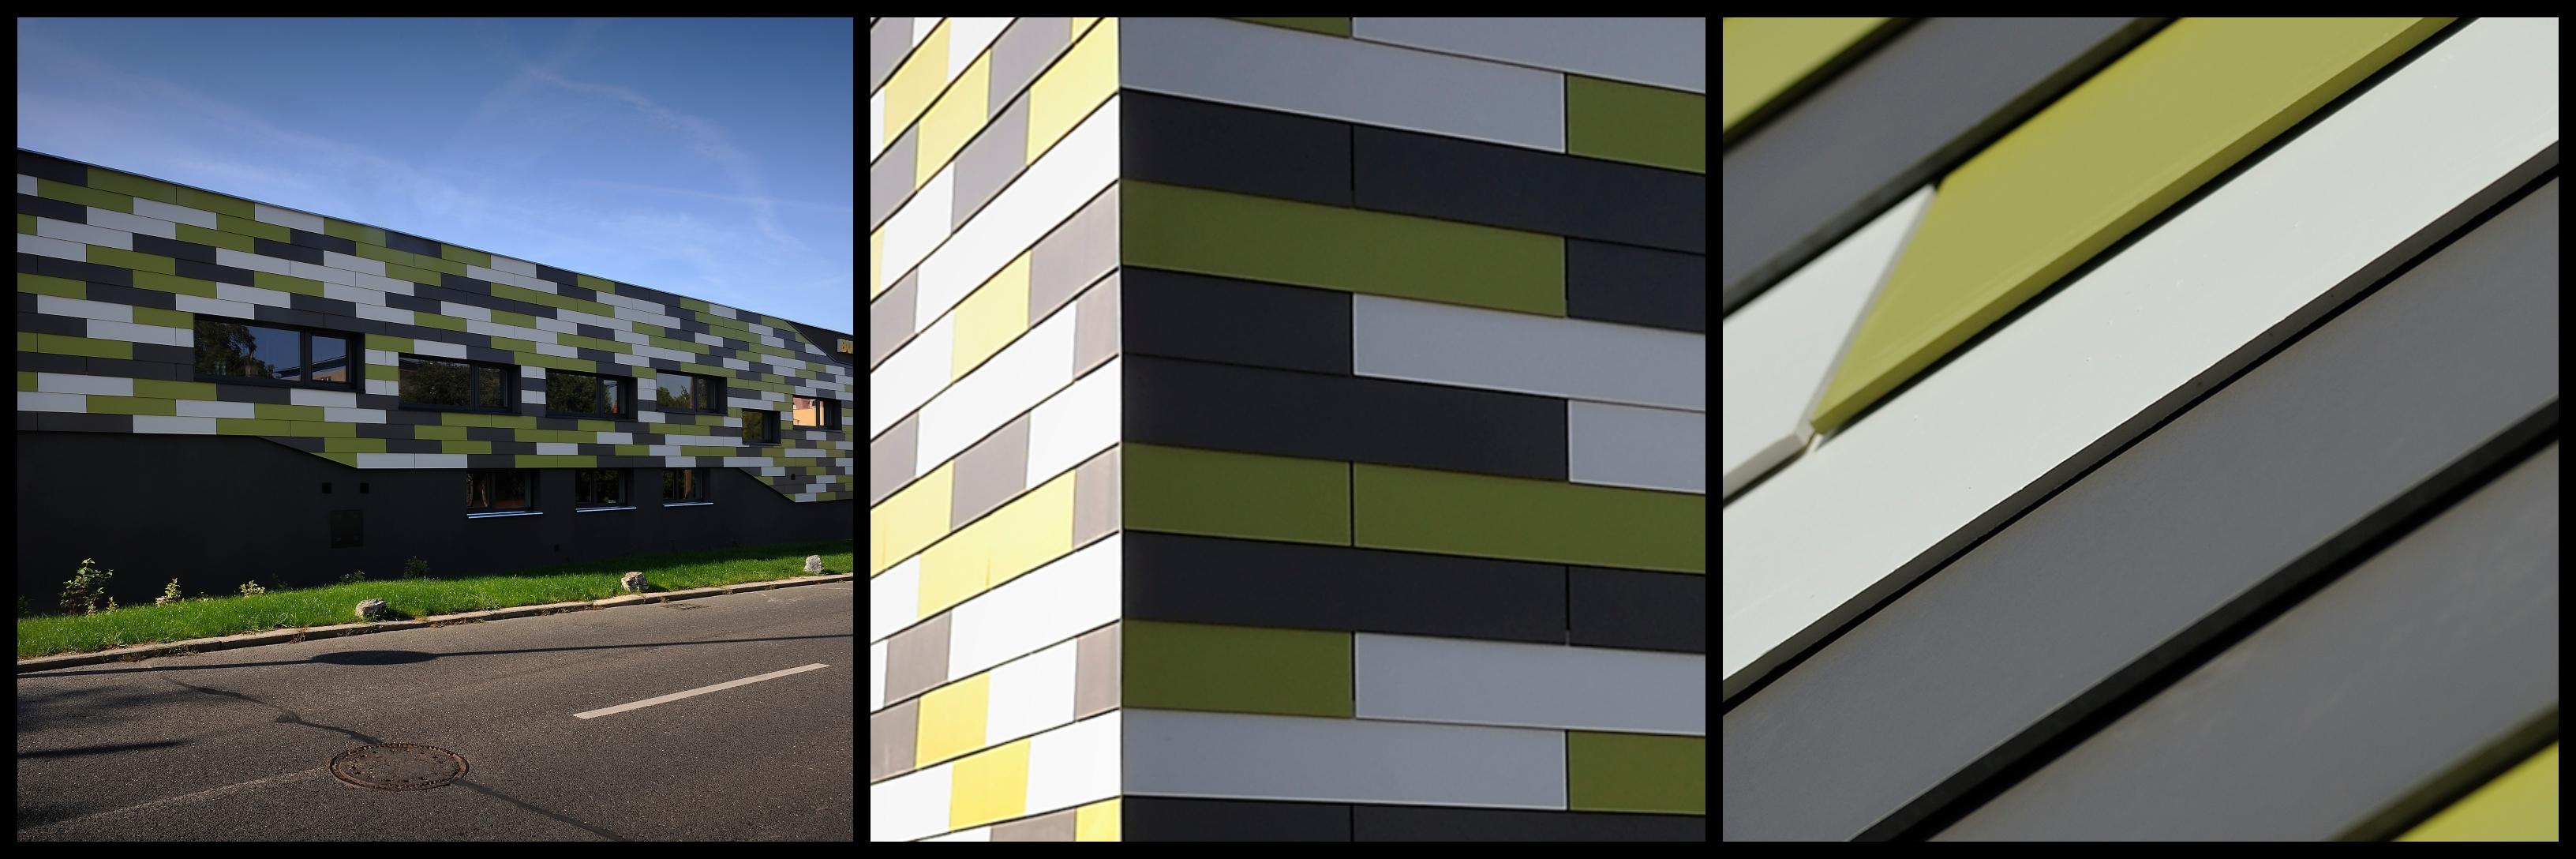 Fatada ventilata realizata cu panouri din fibrociment marca Cembrit, Cladire de birouri in Republica Ceha